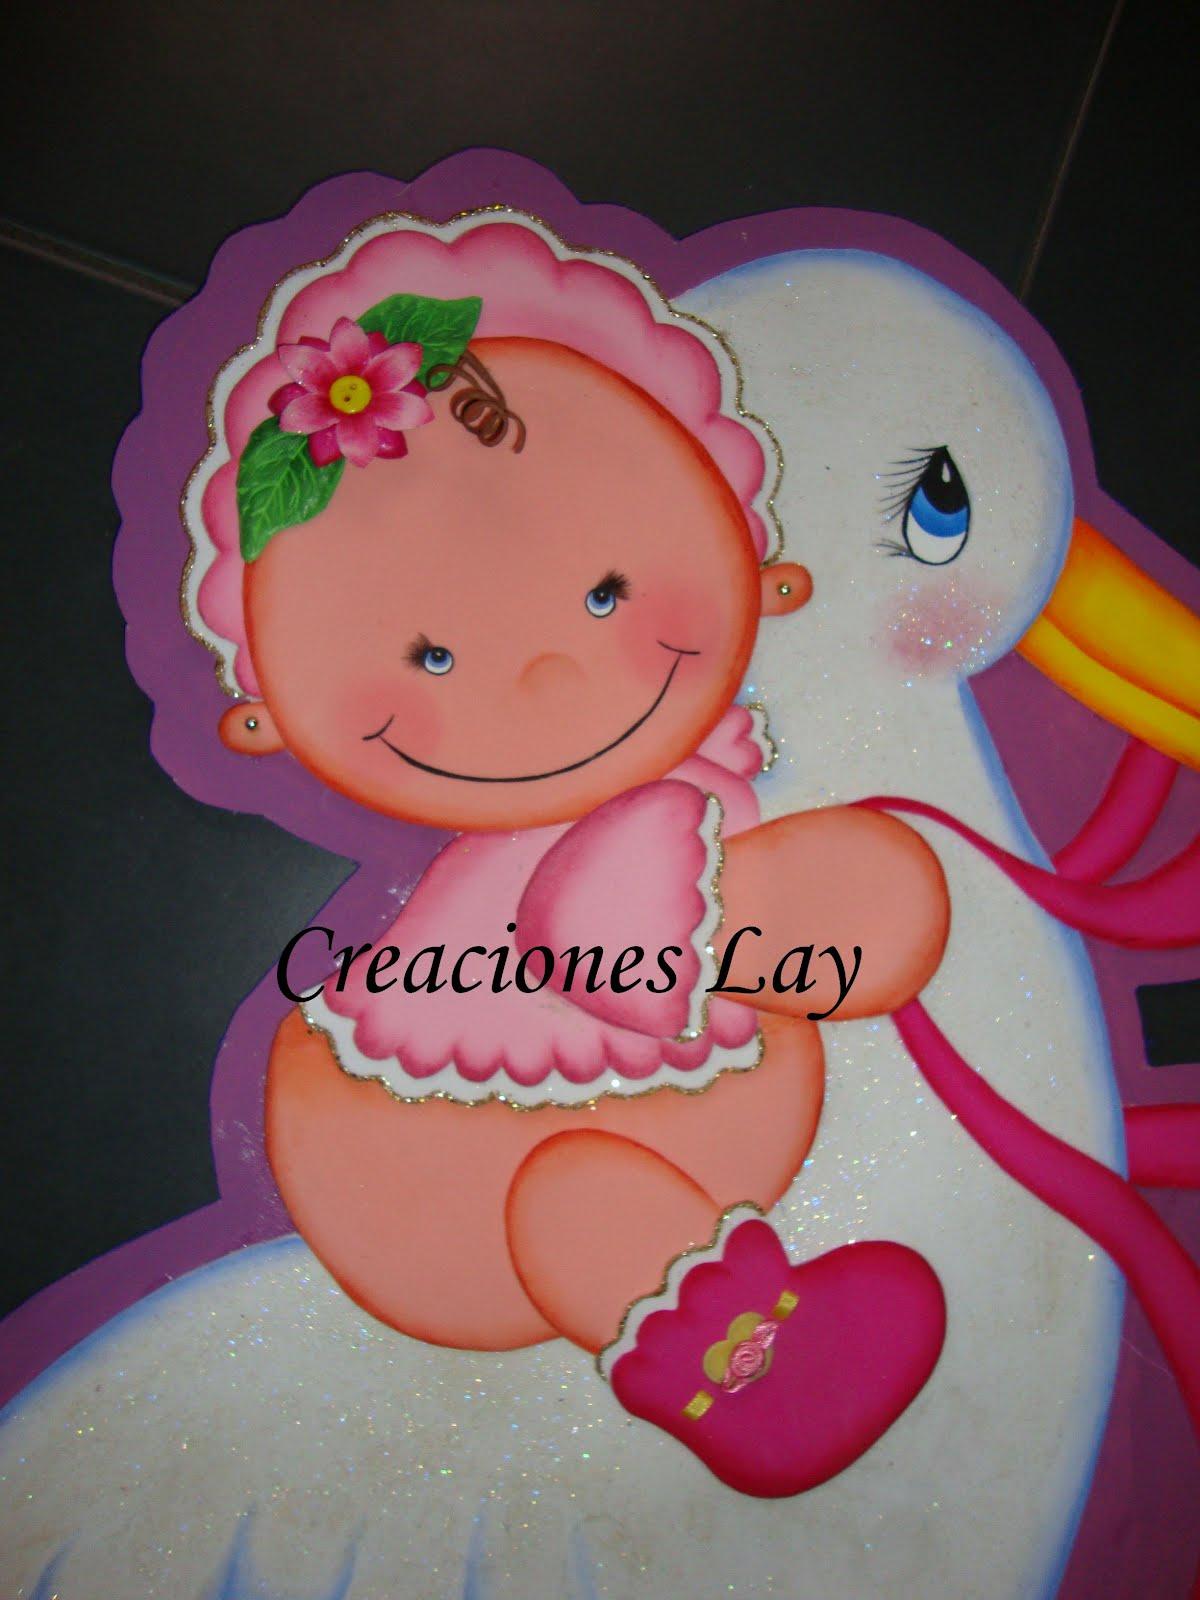 Creaciones lay Decoracion Baby shower ni±a